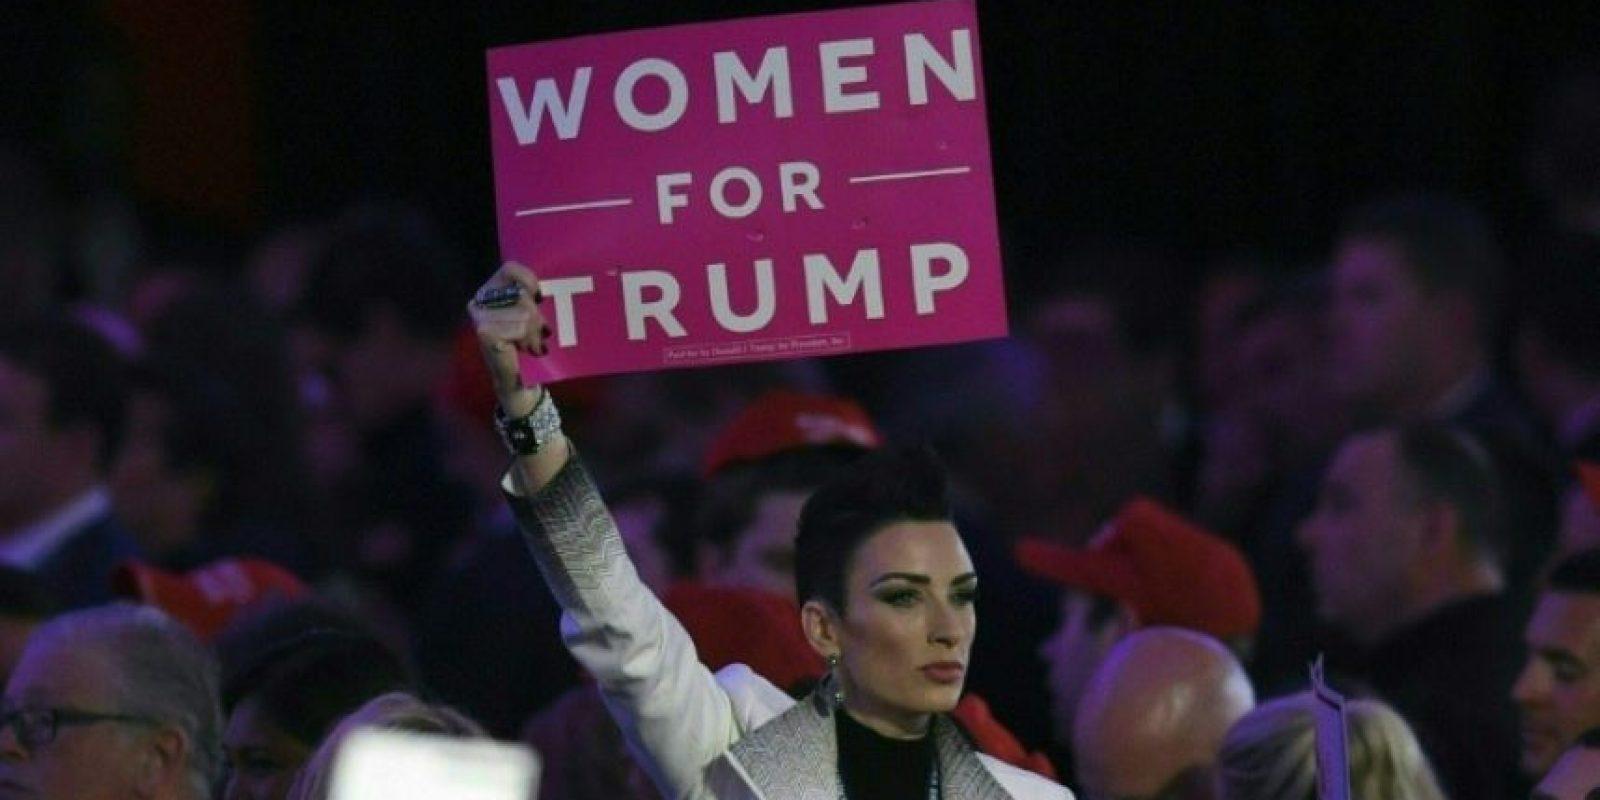 Una partidaria del candidato republicano a la presidencia de EEUU, Donald Trump, alza un cartel durante la noche electoral del 9 de noviembre de 2016 en un hotel de Nueva York Foto:Timothy A. Clary/afp.com